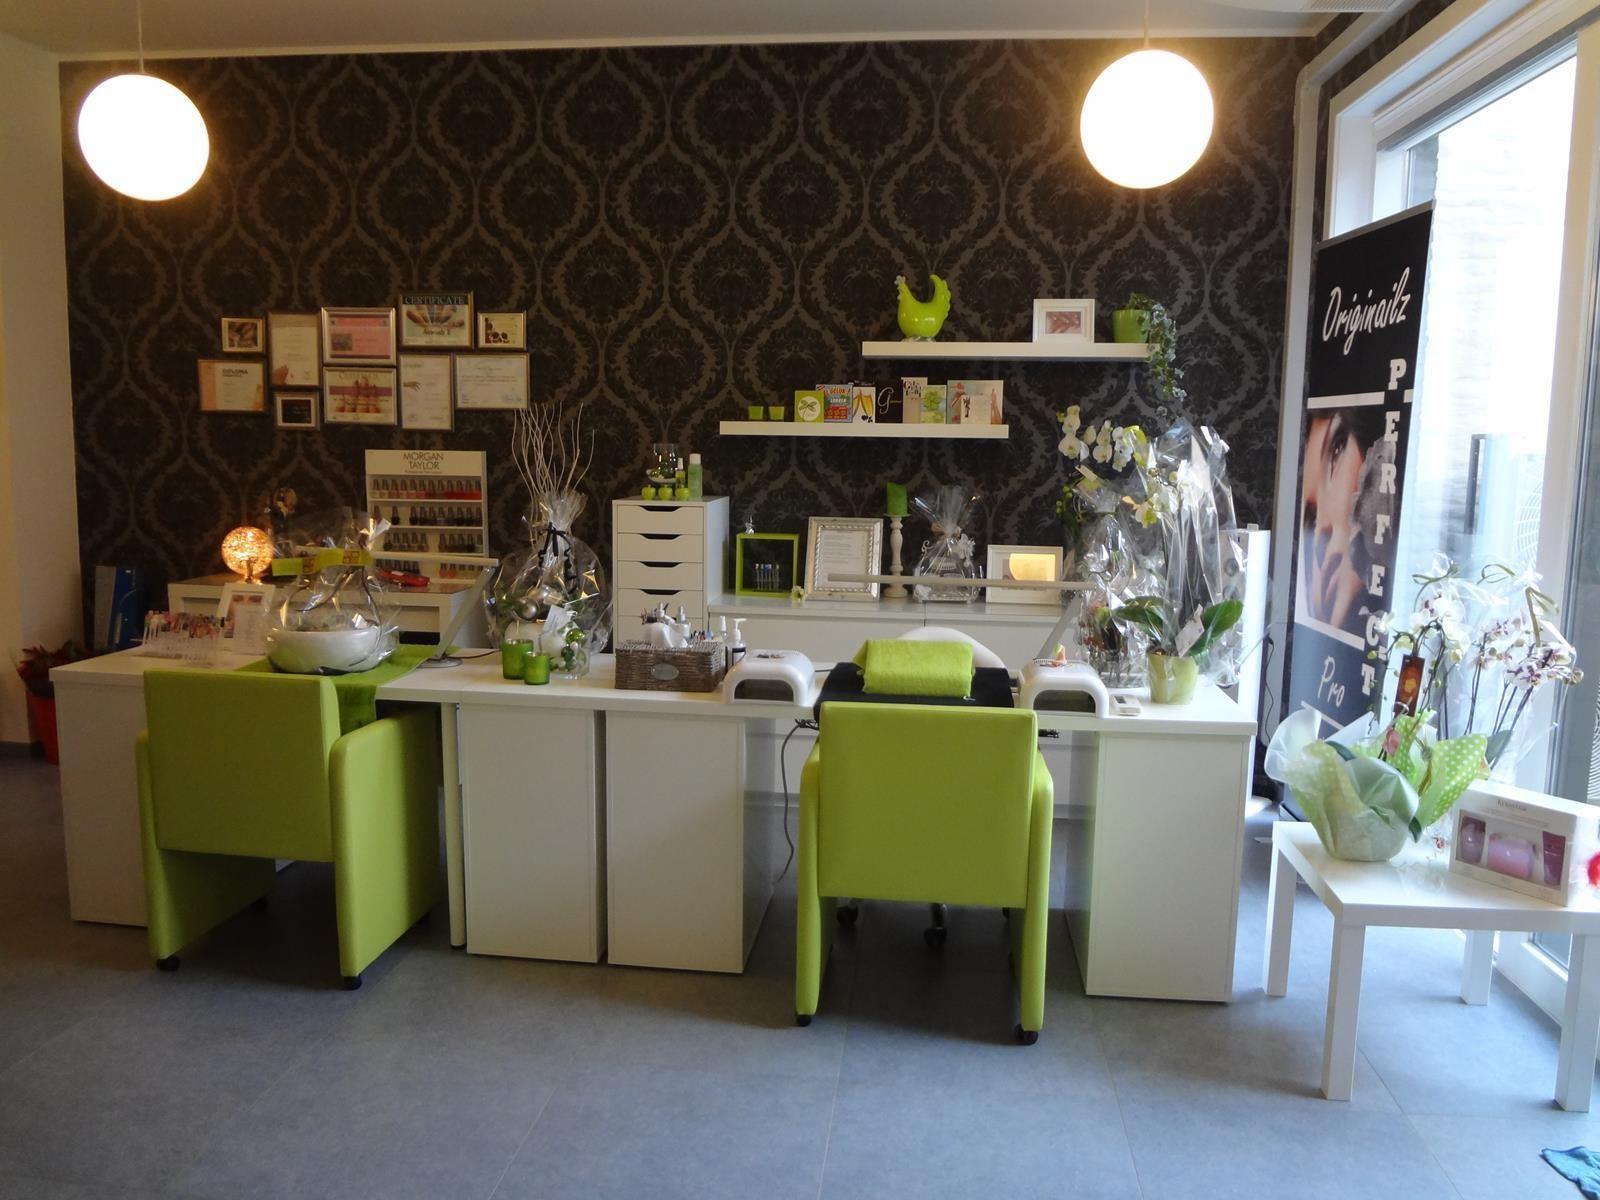 nagelstudio interieur - Google zoeken | business | Pinterest | Salons